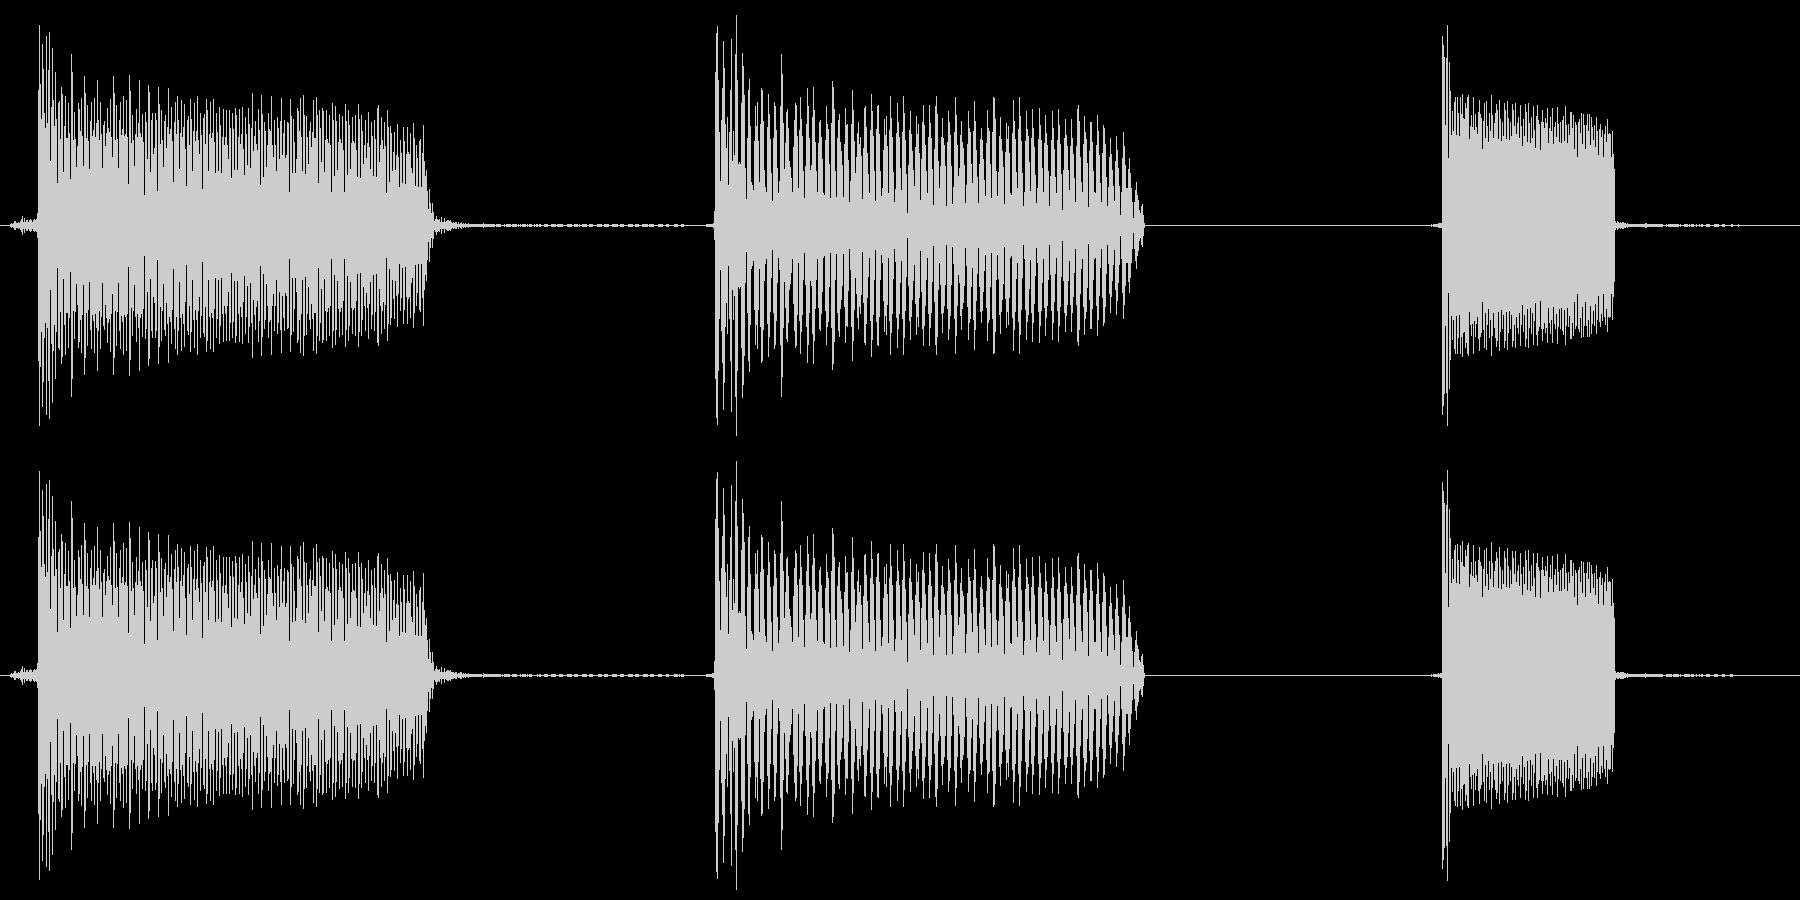 ピーポーパーの未再生の波形